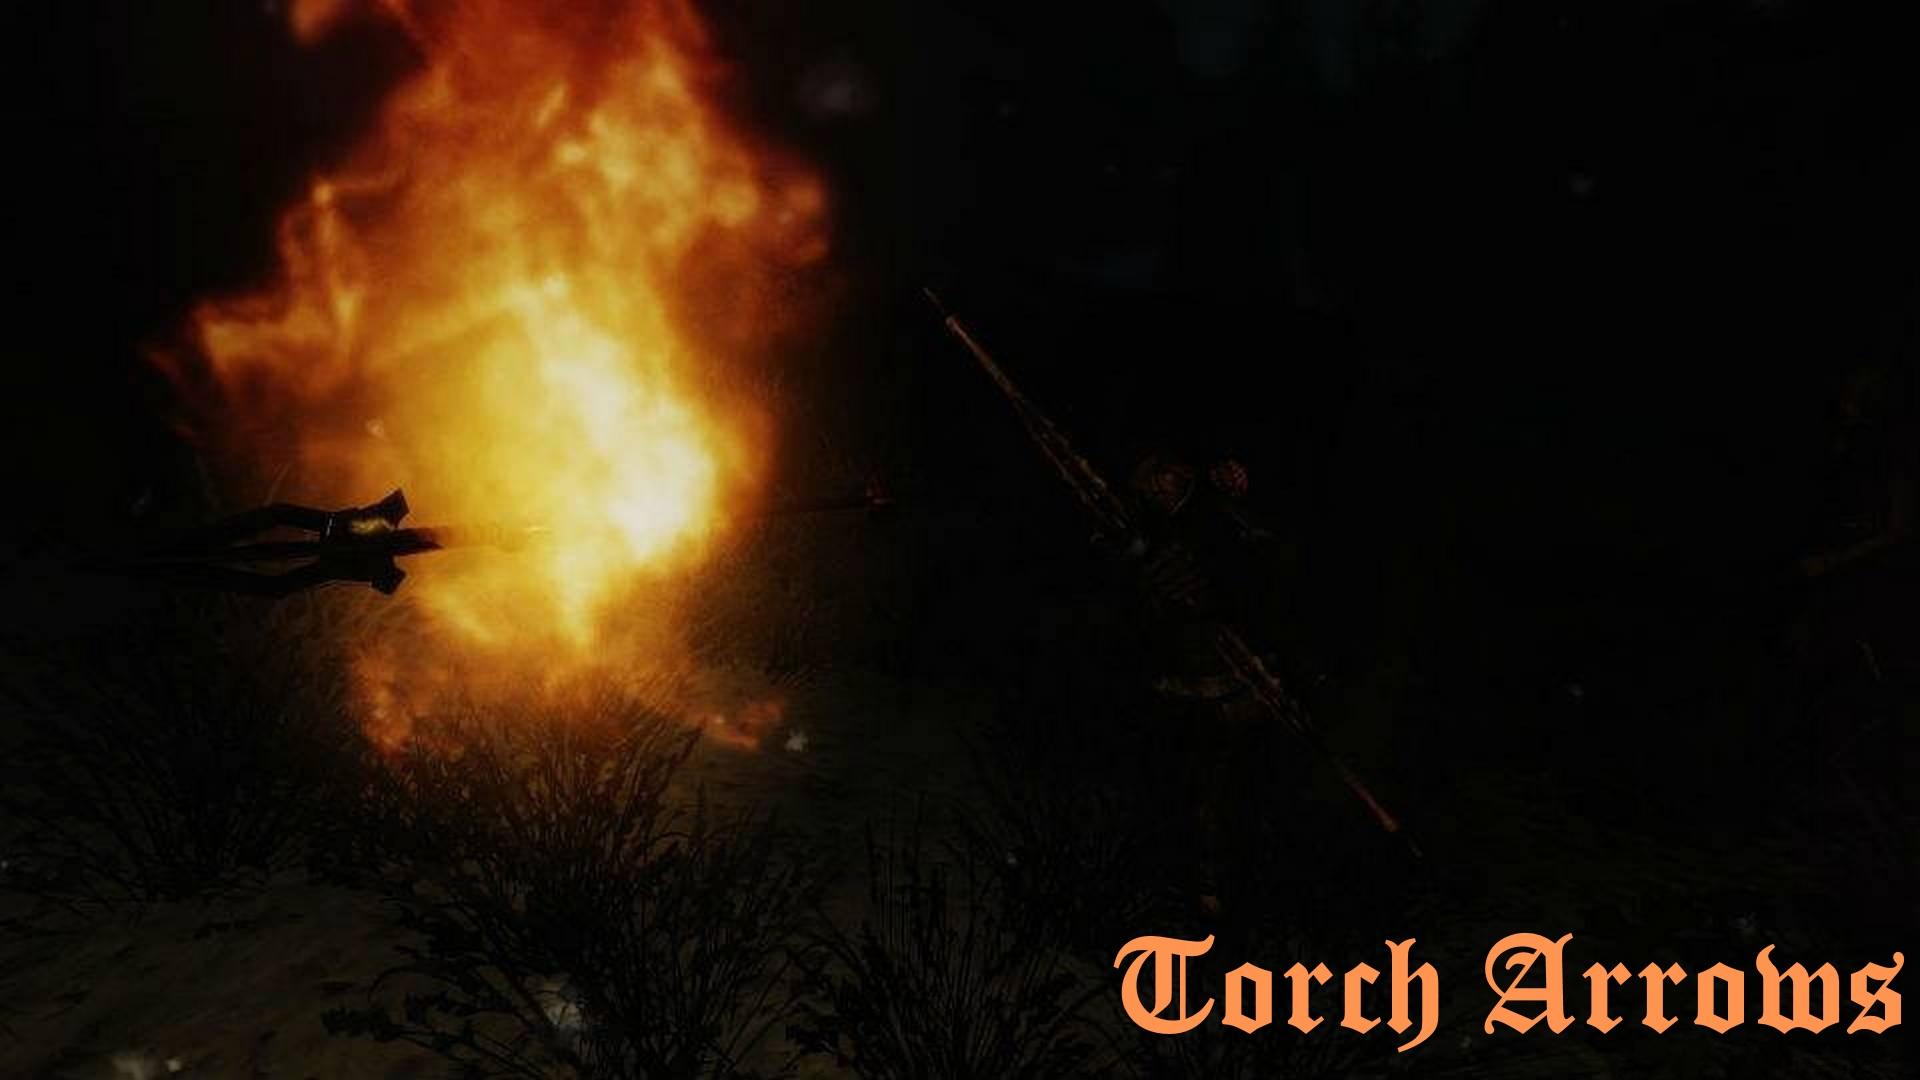 Torch_Arrows_01.jpg